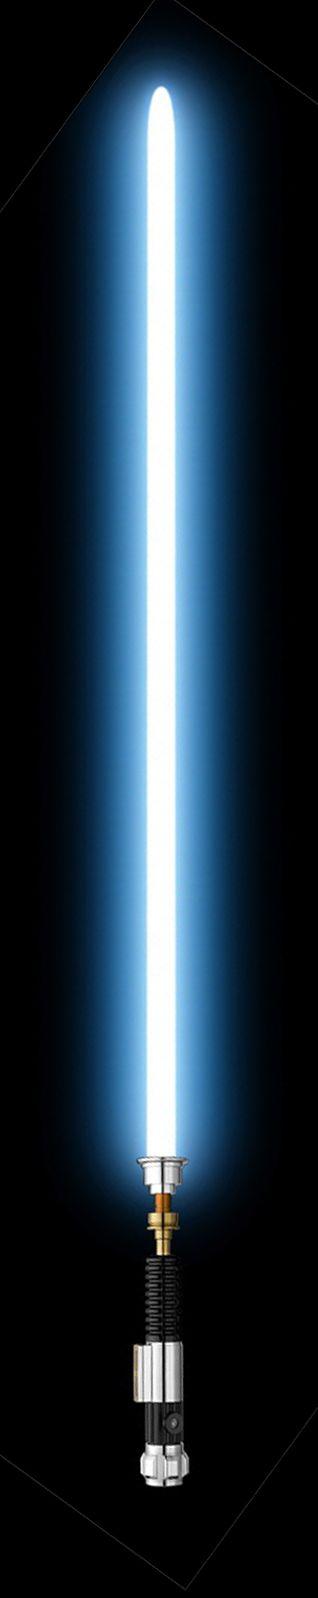 Obi-Wan's Lightsaber.